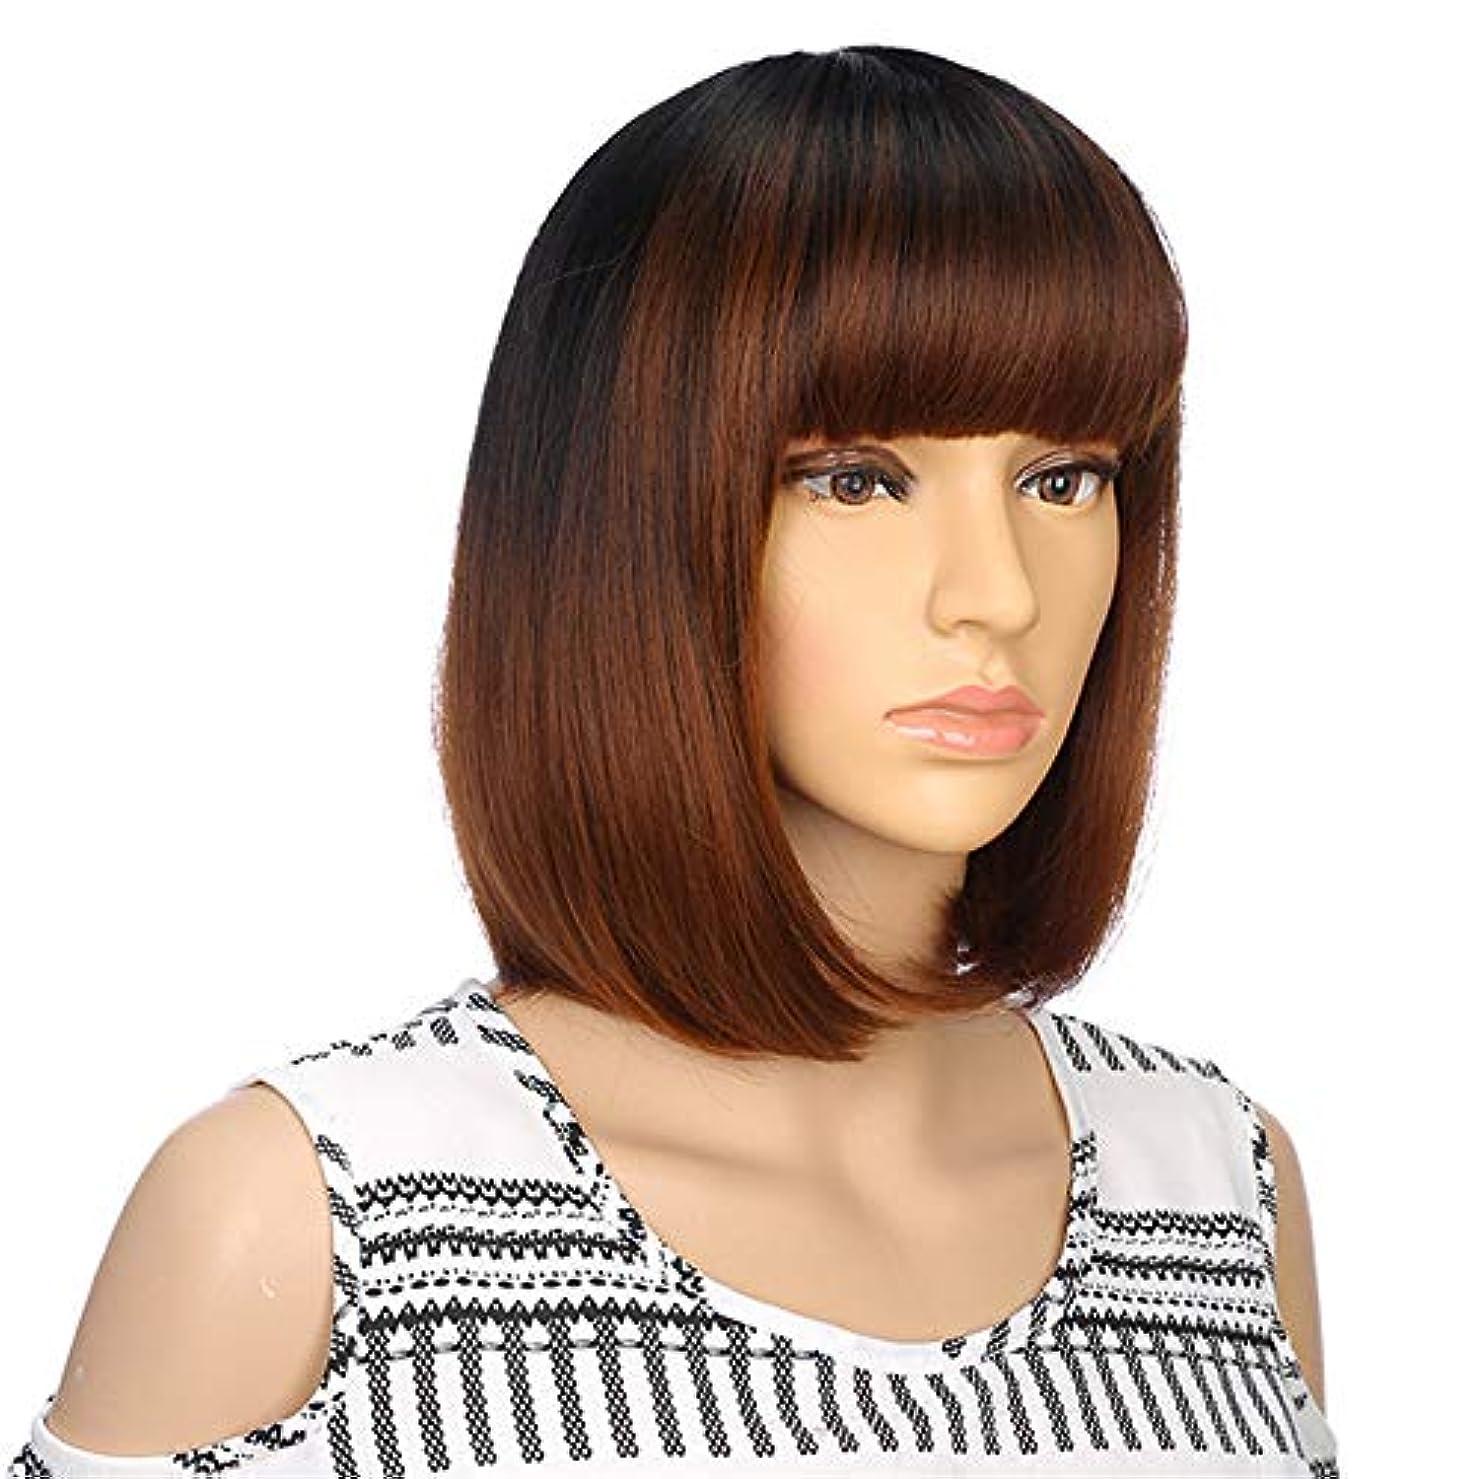 繰り返した軽同性愛者ヘアエクステンション合成ブラウンストレートウィッグ女性用前髪長ボブヘアウィッグ耐熱ヘアスタイルコスプレウィッグ13インチ